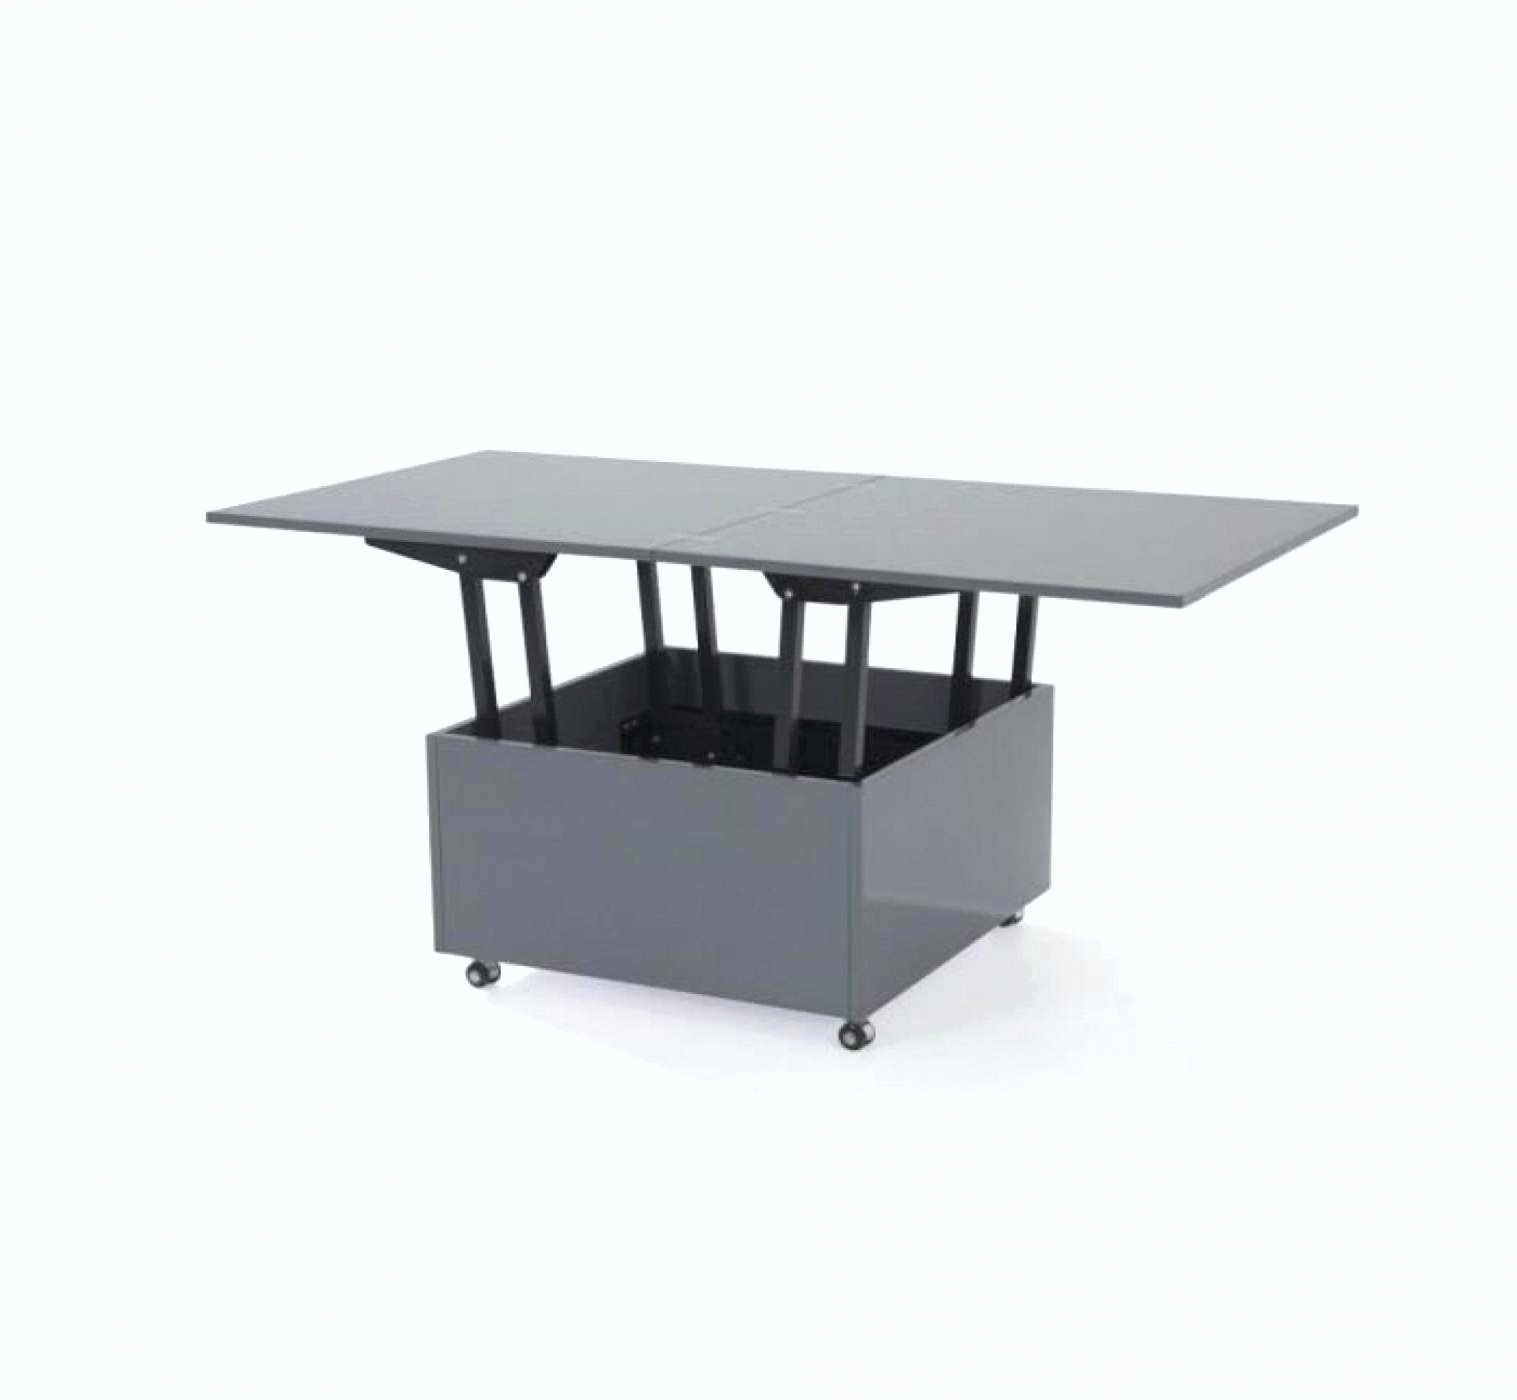 fauteuil en palette facile 46 elegant plan fauteuil adirondack en palette of fauteuil en palette facile